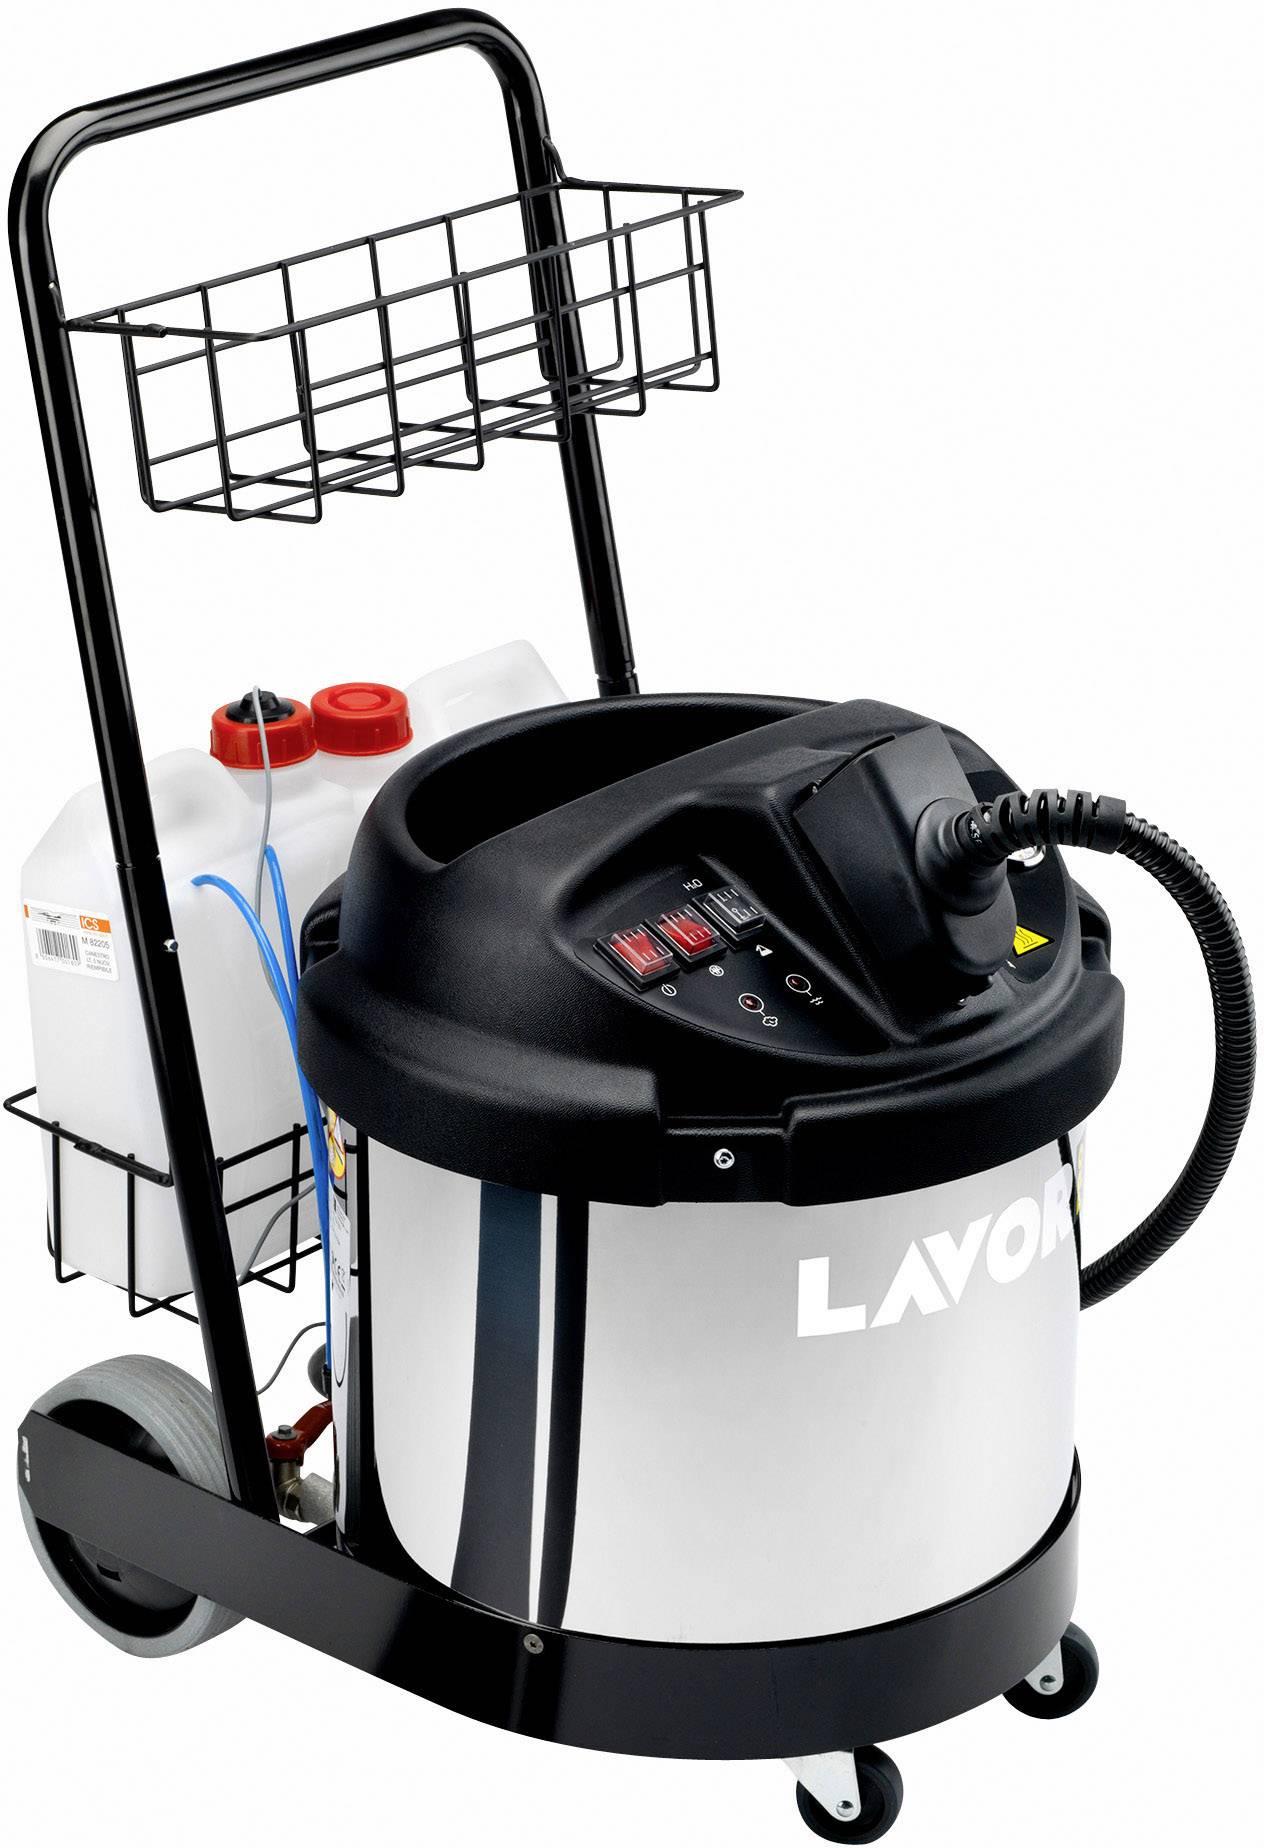 Parní čistič Lavor GV Katla 8.453.0001, 3300 W, černá/stříbrná